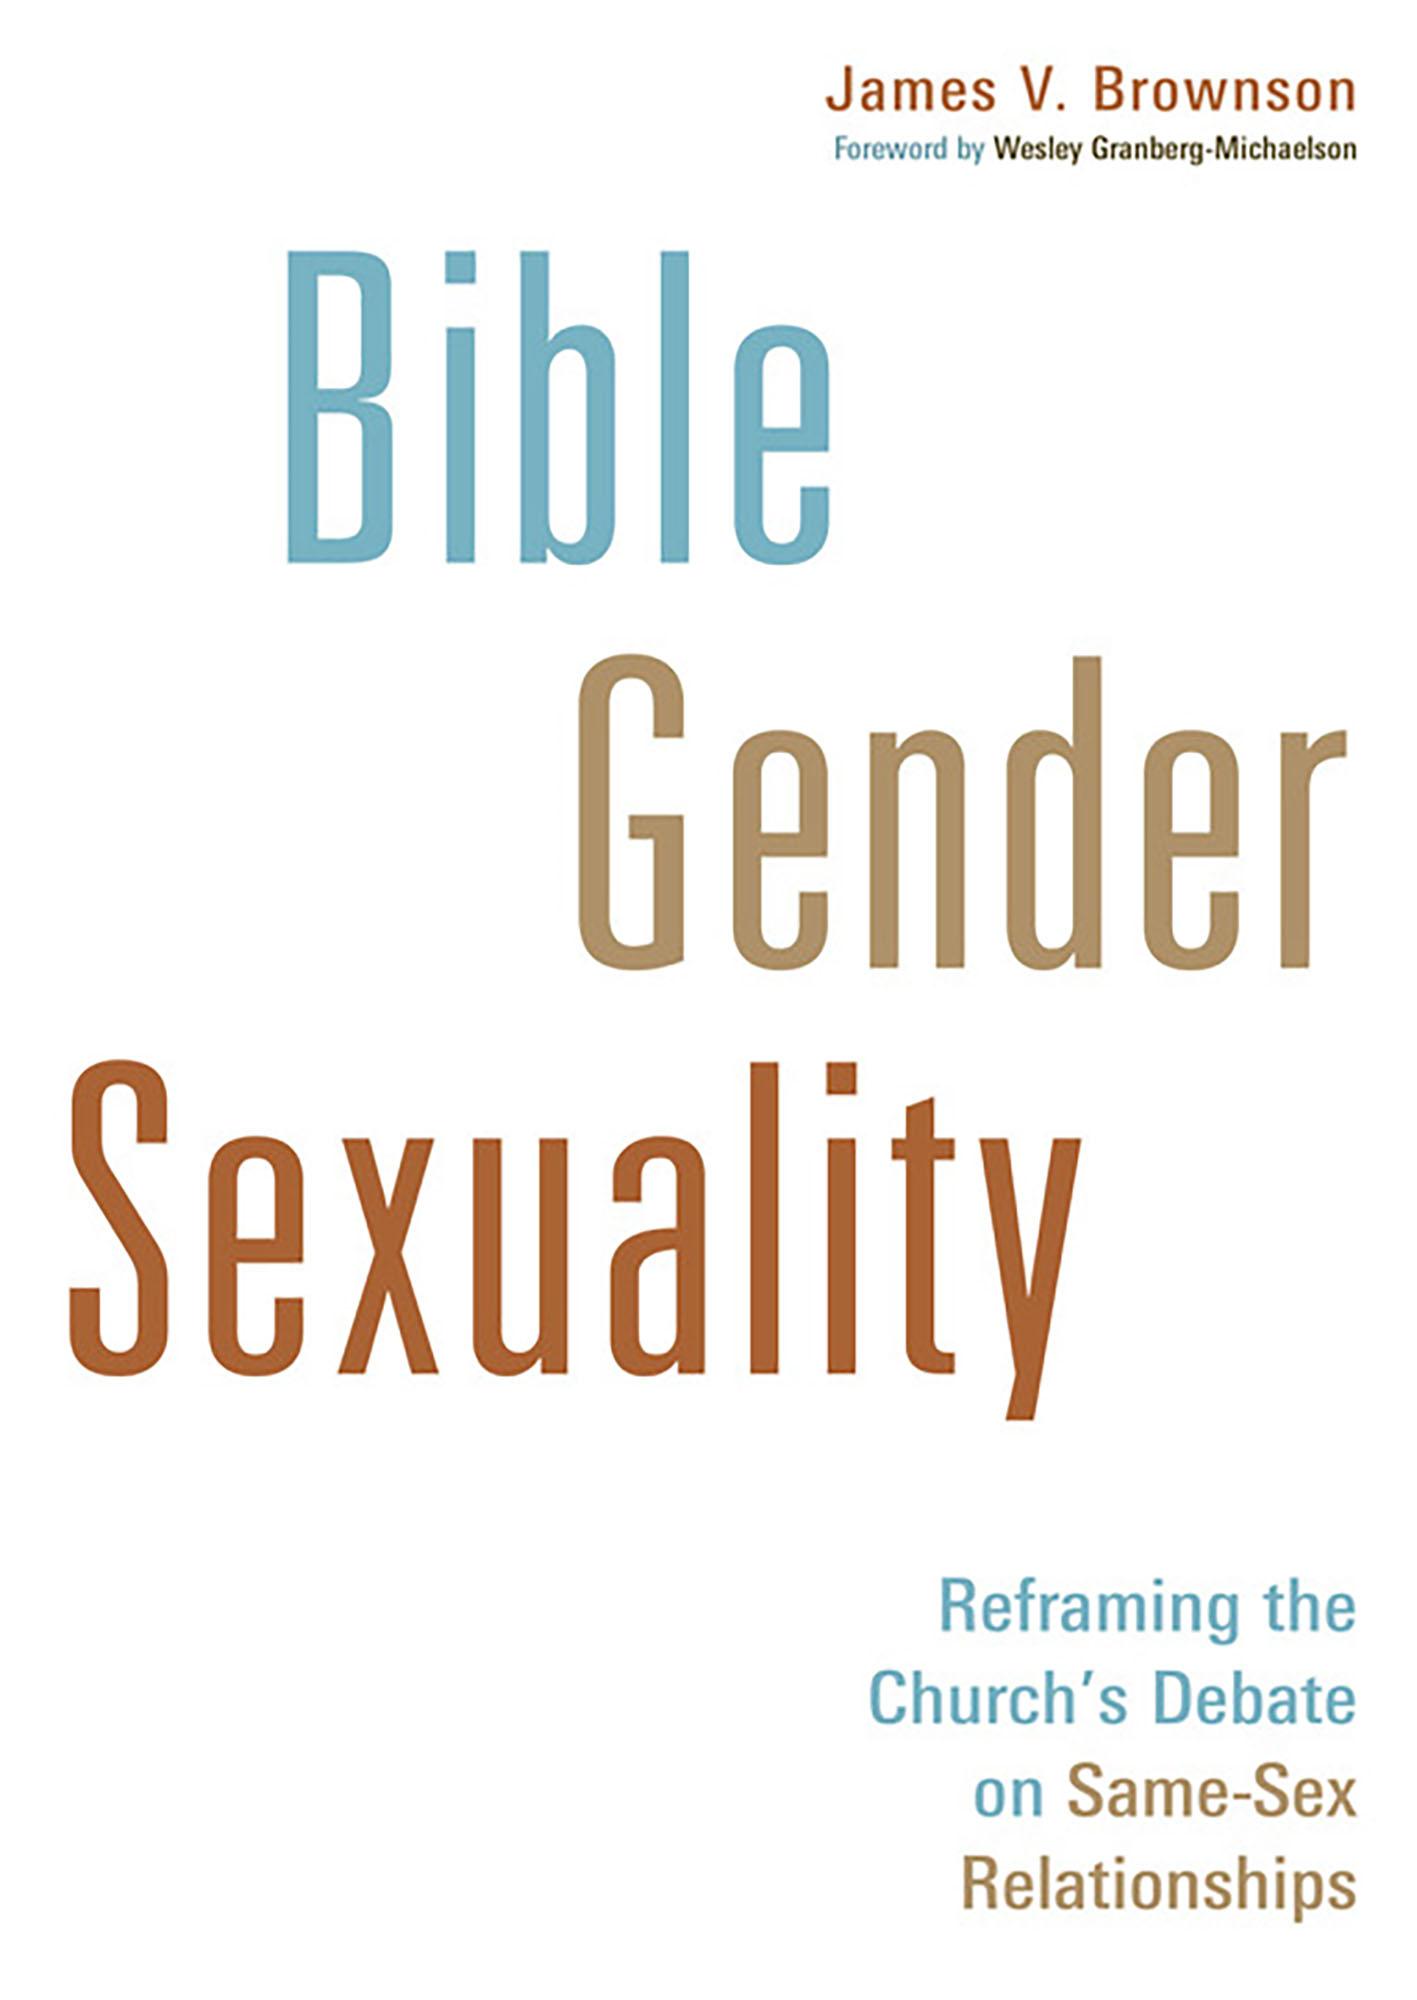 Scripture on sex orientation